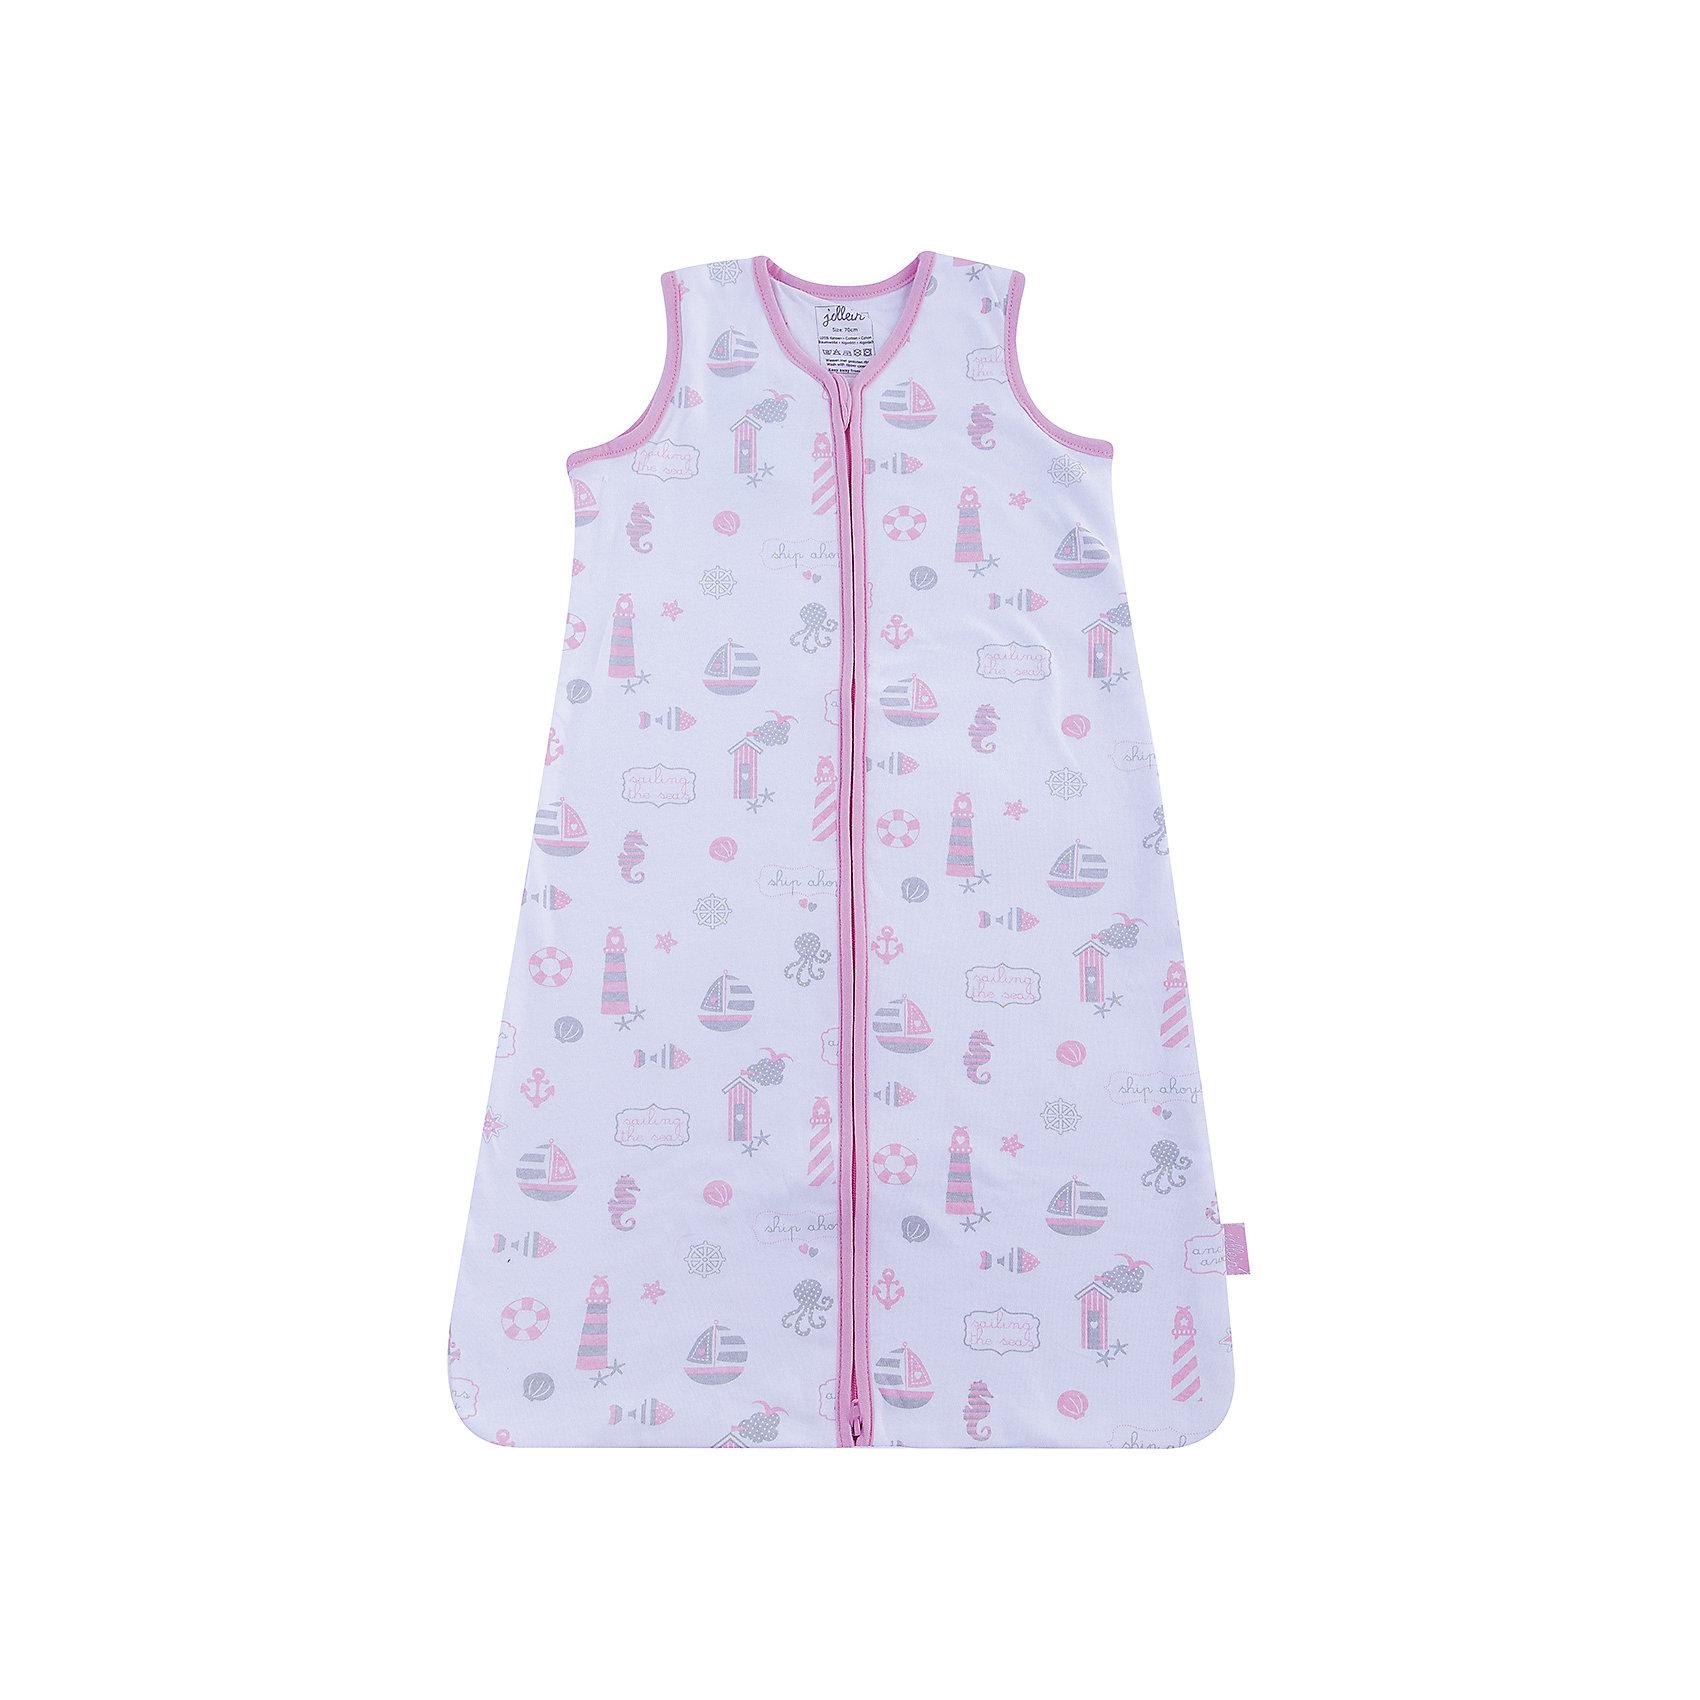 Спальный мешок 70 см, Jollein, Girls at seaСпальные мешки для новорожденных - это очень практичная замена одеялу. Малыш не сможет сбросить с себя, или наоборот закрыть себя с головой, что происходит, когда малыша накрывают одеялом. Малышу будет всегда комфортно и тепло в прохладное ночное время. Спальные мешки предотвращают риски удушения. Удобные просторные формы позволят малышу занять привычную для сна позу. Различные варианты исполнения и материалы позволяют использовать спальник для новорожденного и летом, и зимой. Удобные замочки по всей длине спального мешка позволяют менять подгузники, не снимая сам спальный мешок. Нахождение в спальнике напоминает ребенку его ощущения в перинатальный период. Это способствует спокойному сну малыша, дает ему чувство защищенности. Спальный мешок сделан из 100% хлопка (2 слоя джерси) без утеплителя. Очень мягкий и легкий, молния застегивается сверху вниз, что позволяет легко менять подгузники, не снимая мешочек. Подойдет для использования в жаркую погоду летом или дома. Тог 0,6 – коэффициент тепла, т.е. без дополнительного нательного белья комфортная температура использования – 26 гр. Если температура ниже, то регулировать температуру нательным бельем (например, добавить боди, пижаму, комбинезон) или использовать спальный мешок с большим тог - 1.7 или 1.2<br><br>Ширина мм: 190<br>Глубина мм: 260<br>Высота мм: 20<br>Вес г: 172<br>Возраст от месяцев: 0<br>Возраст до месяцев: 36<br>Пол: Унисекс<br>Возраст: Детский<br>SKU: 5367119